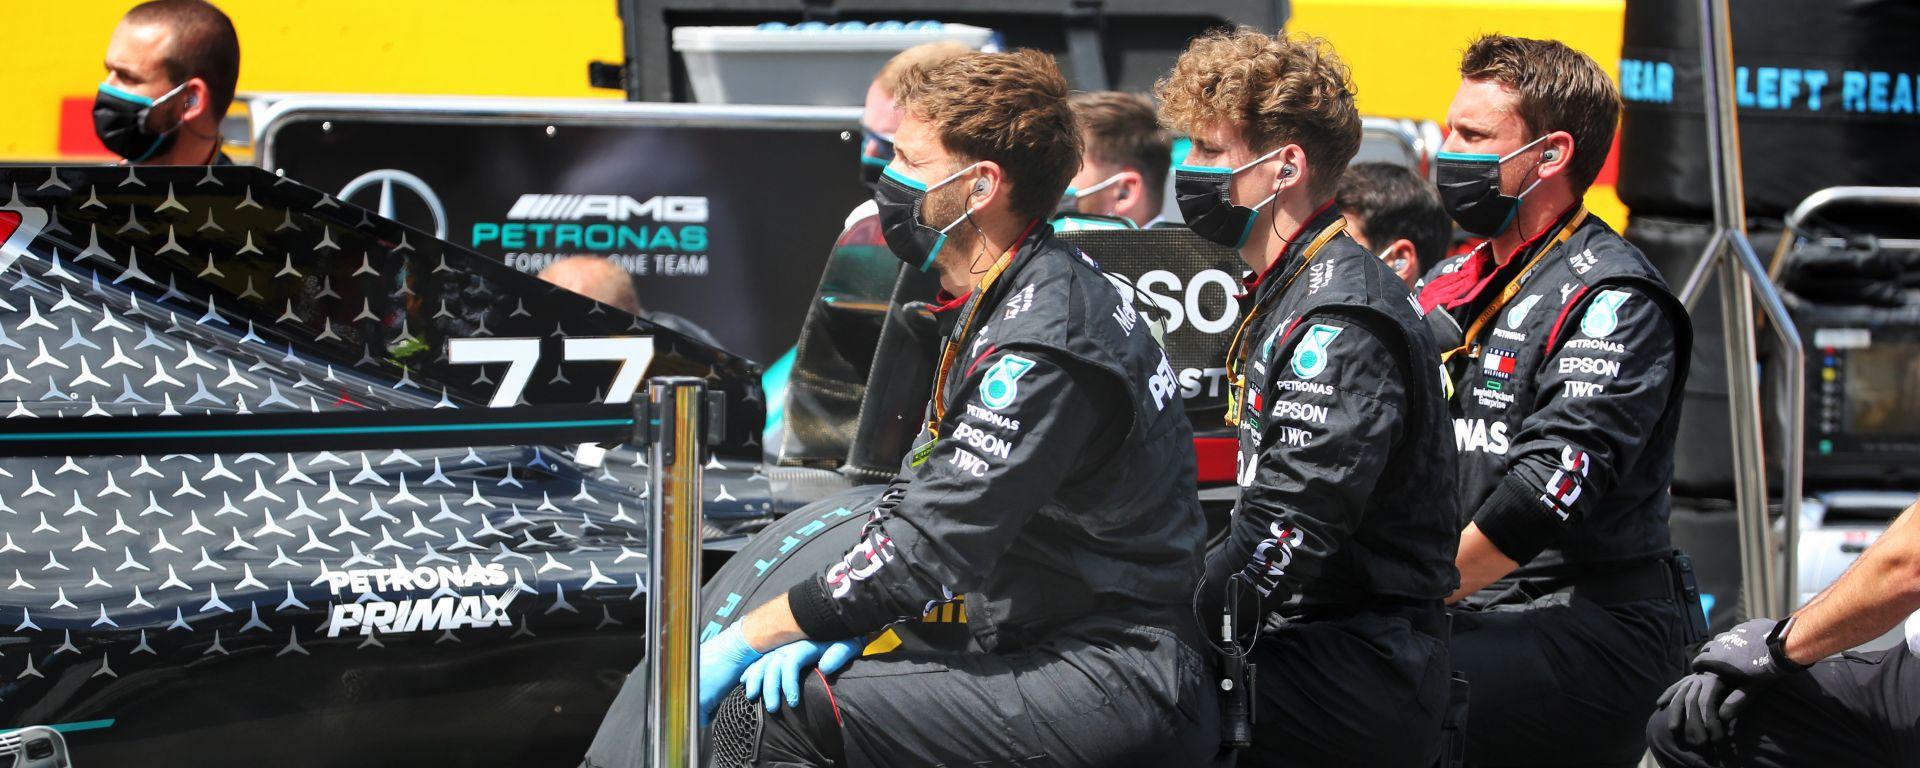 F1, GP Stiria 2020: meccanici Mercedes inginocchiati al momento dell'inno